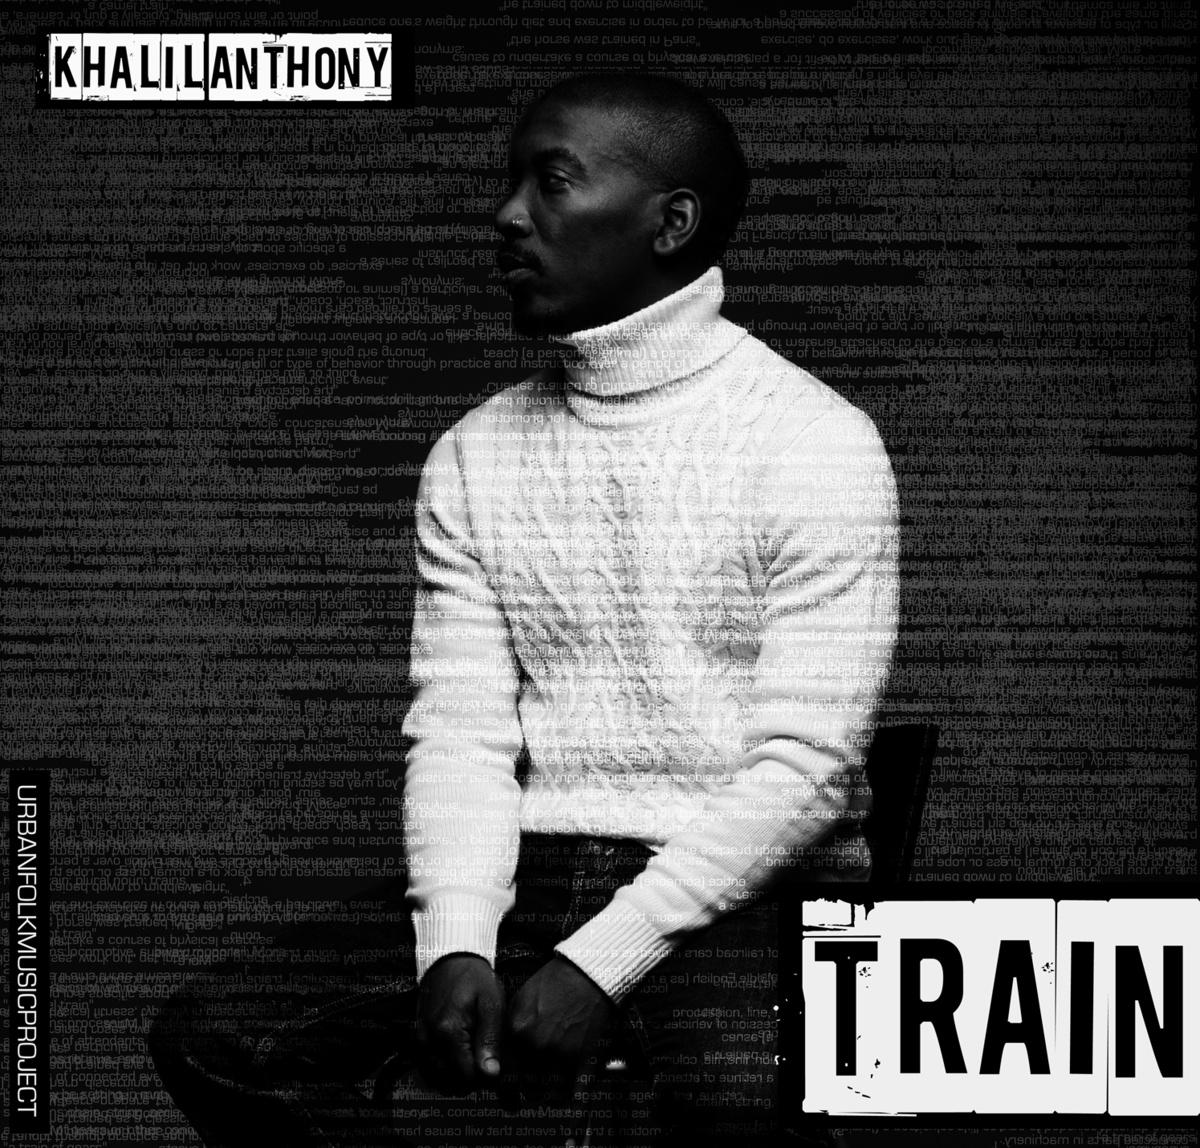 train by khalil anthony